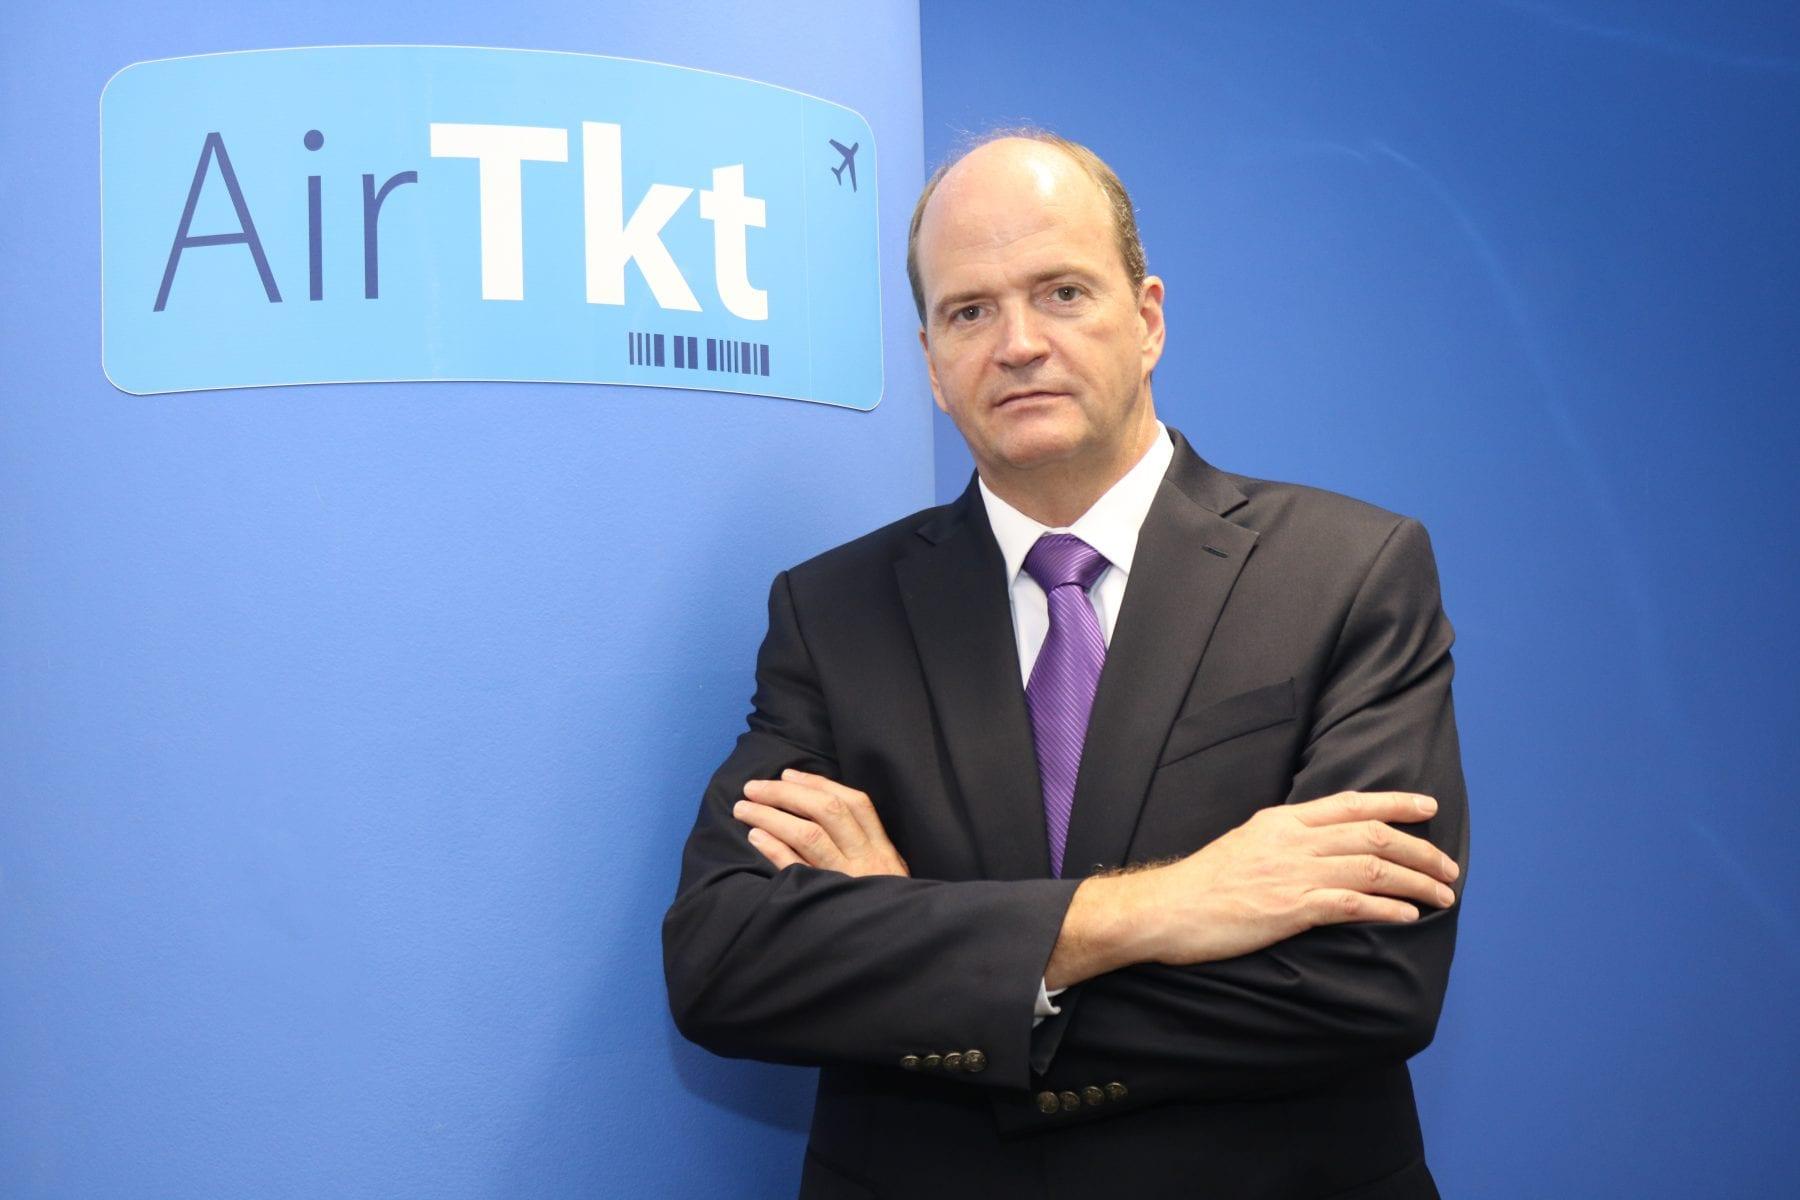 Air Tkt encerra 2018 com bons resultados e aumento no número de associados